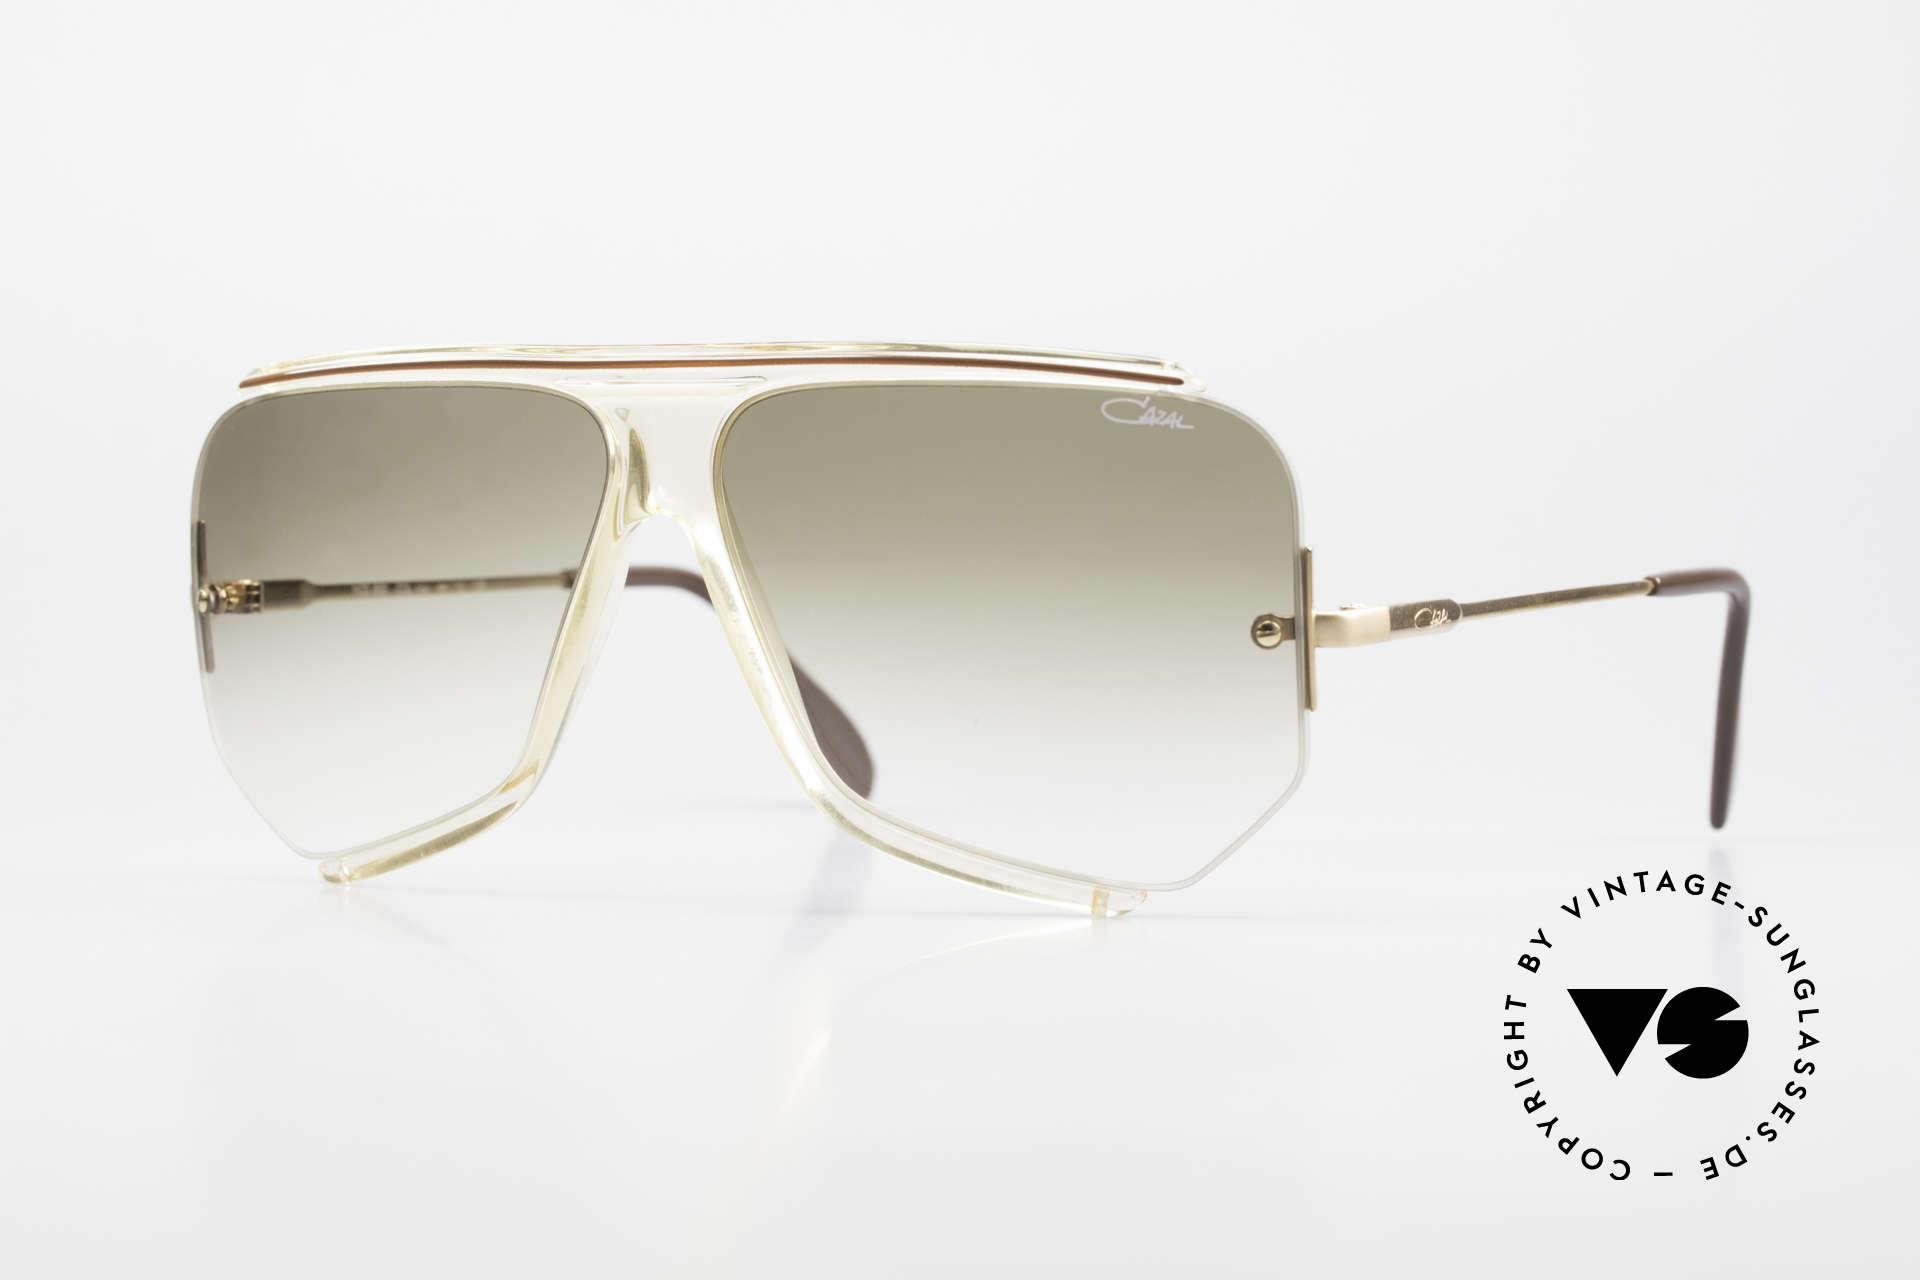 Cazal 850 Old School 80er Sonnenbrille, elegantes Original aus den 1980ern - OLD SCHOOL, Passend für Herren